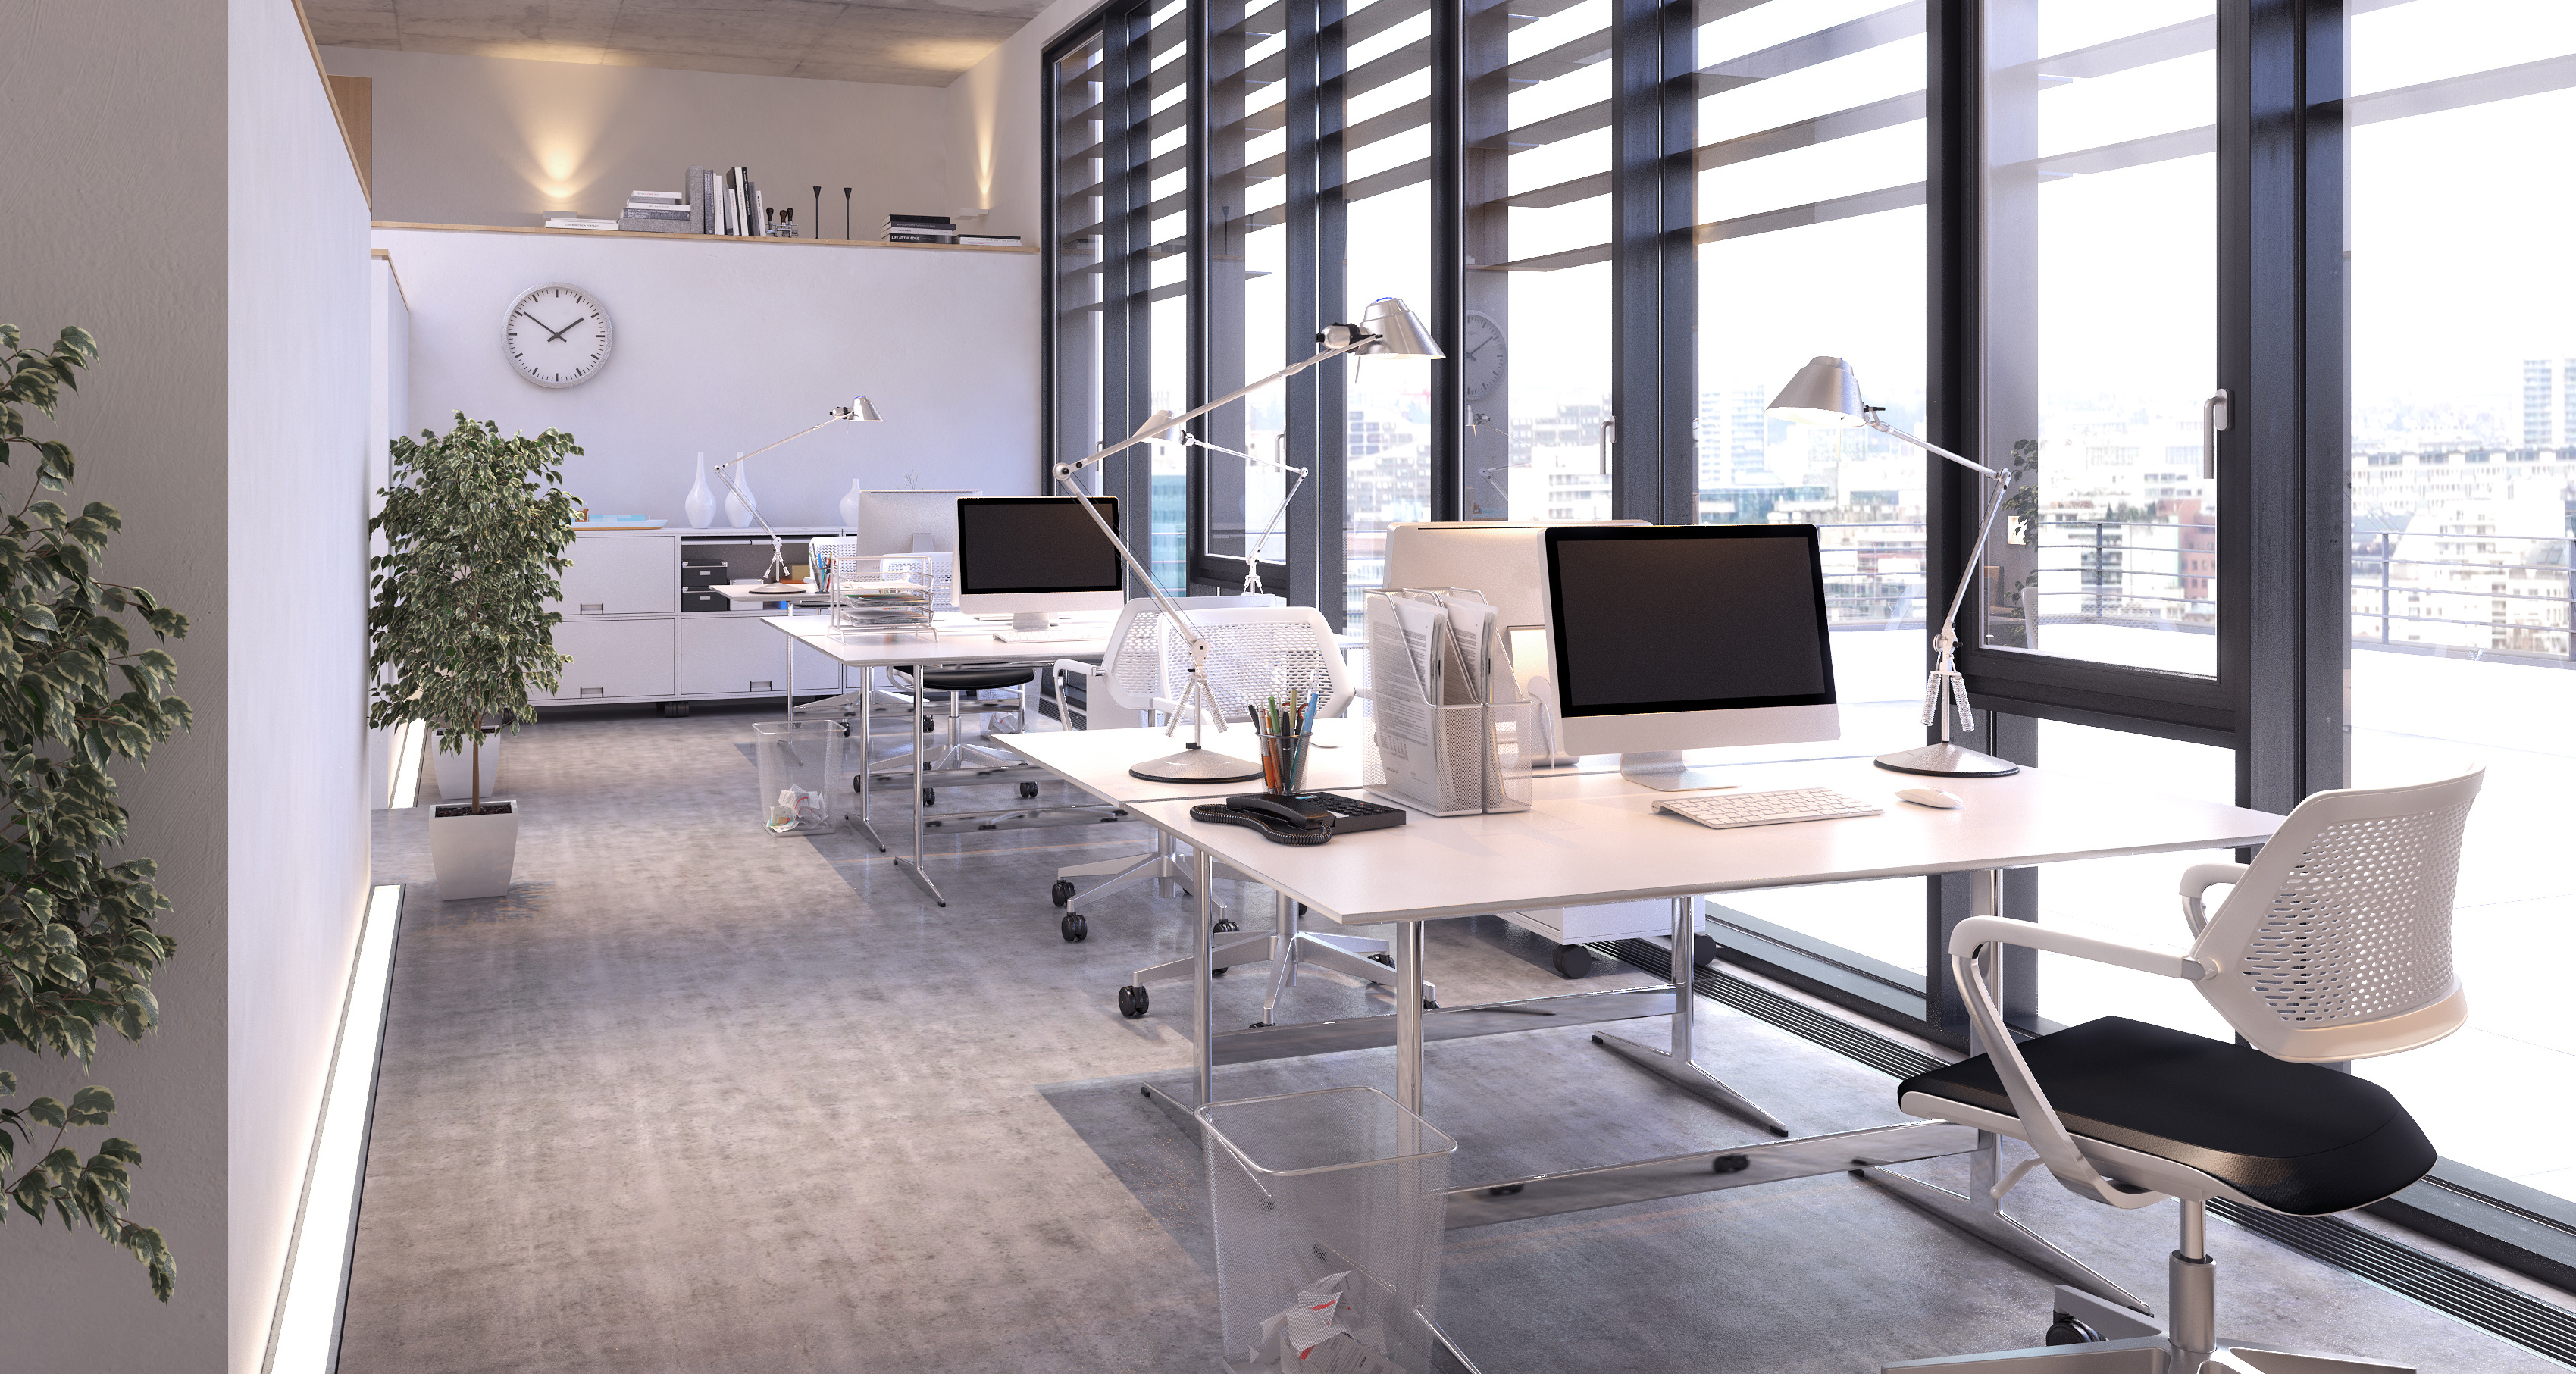 El mercado de nuevas oficinas est tomando mayor fuerza for Oficina de empleo estepa